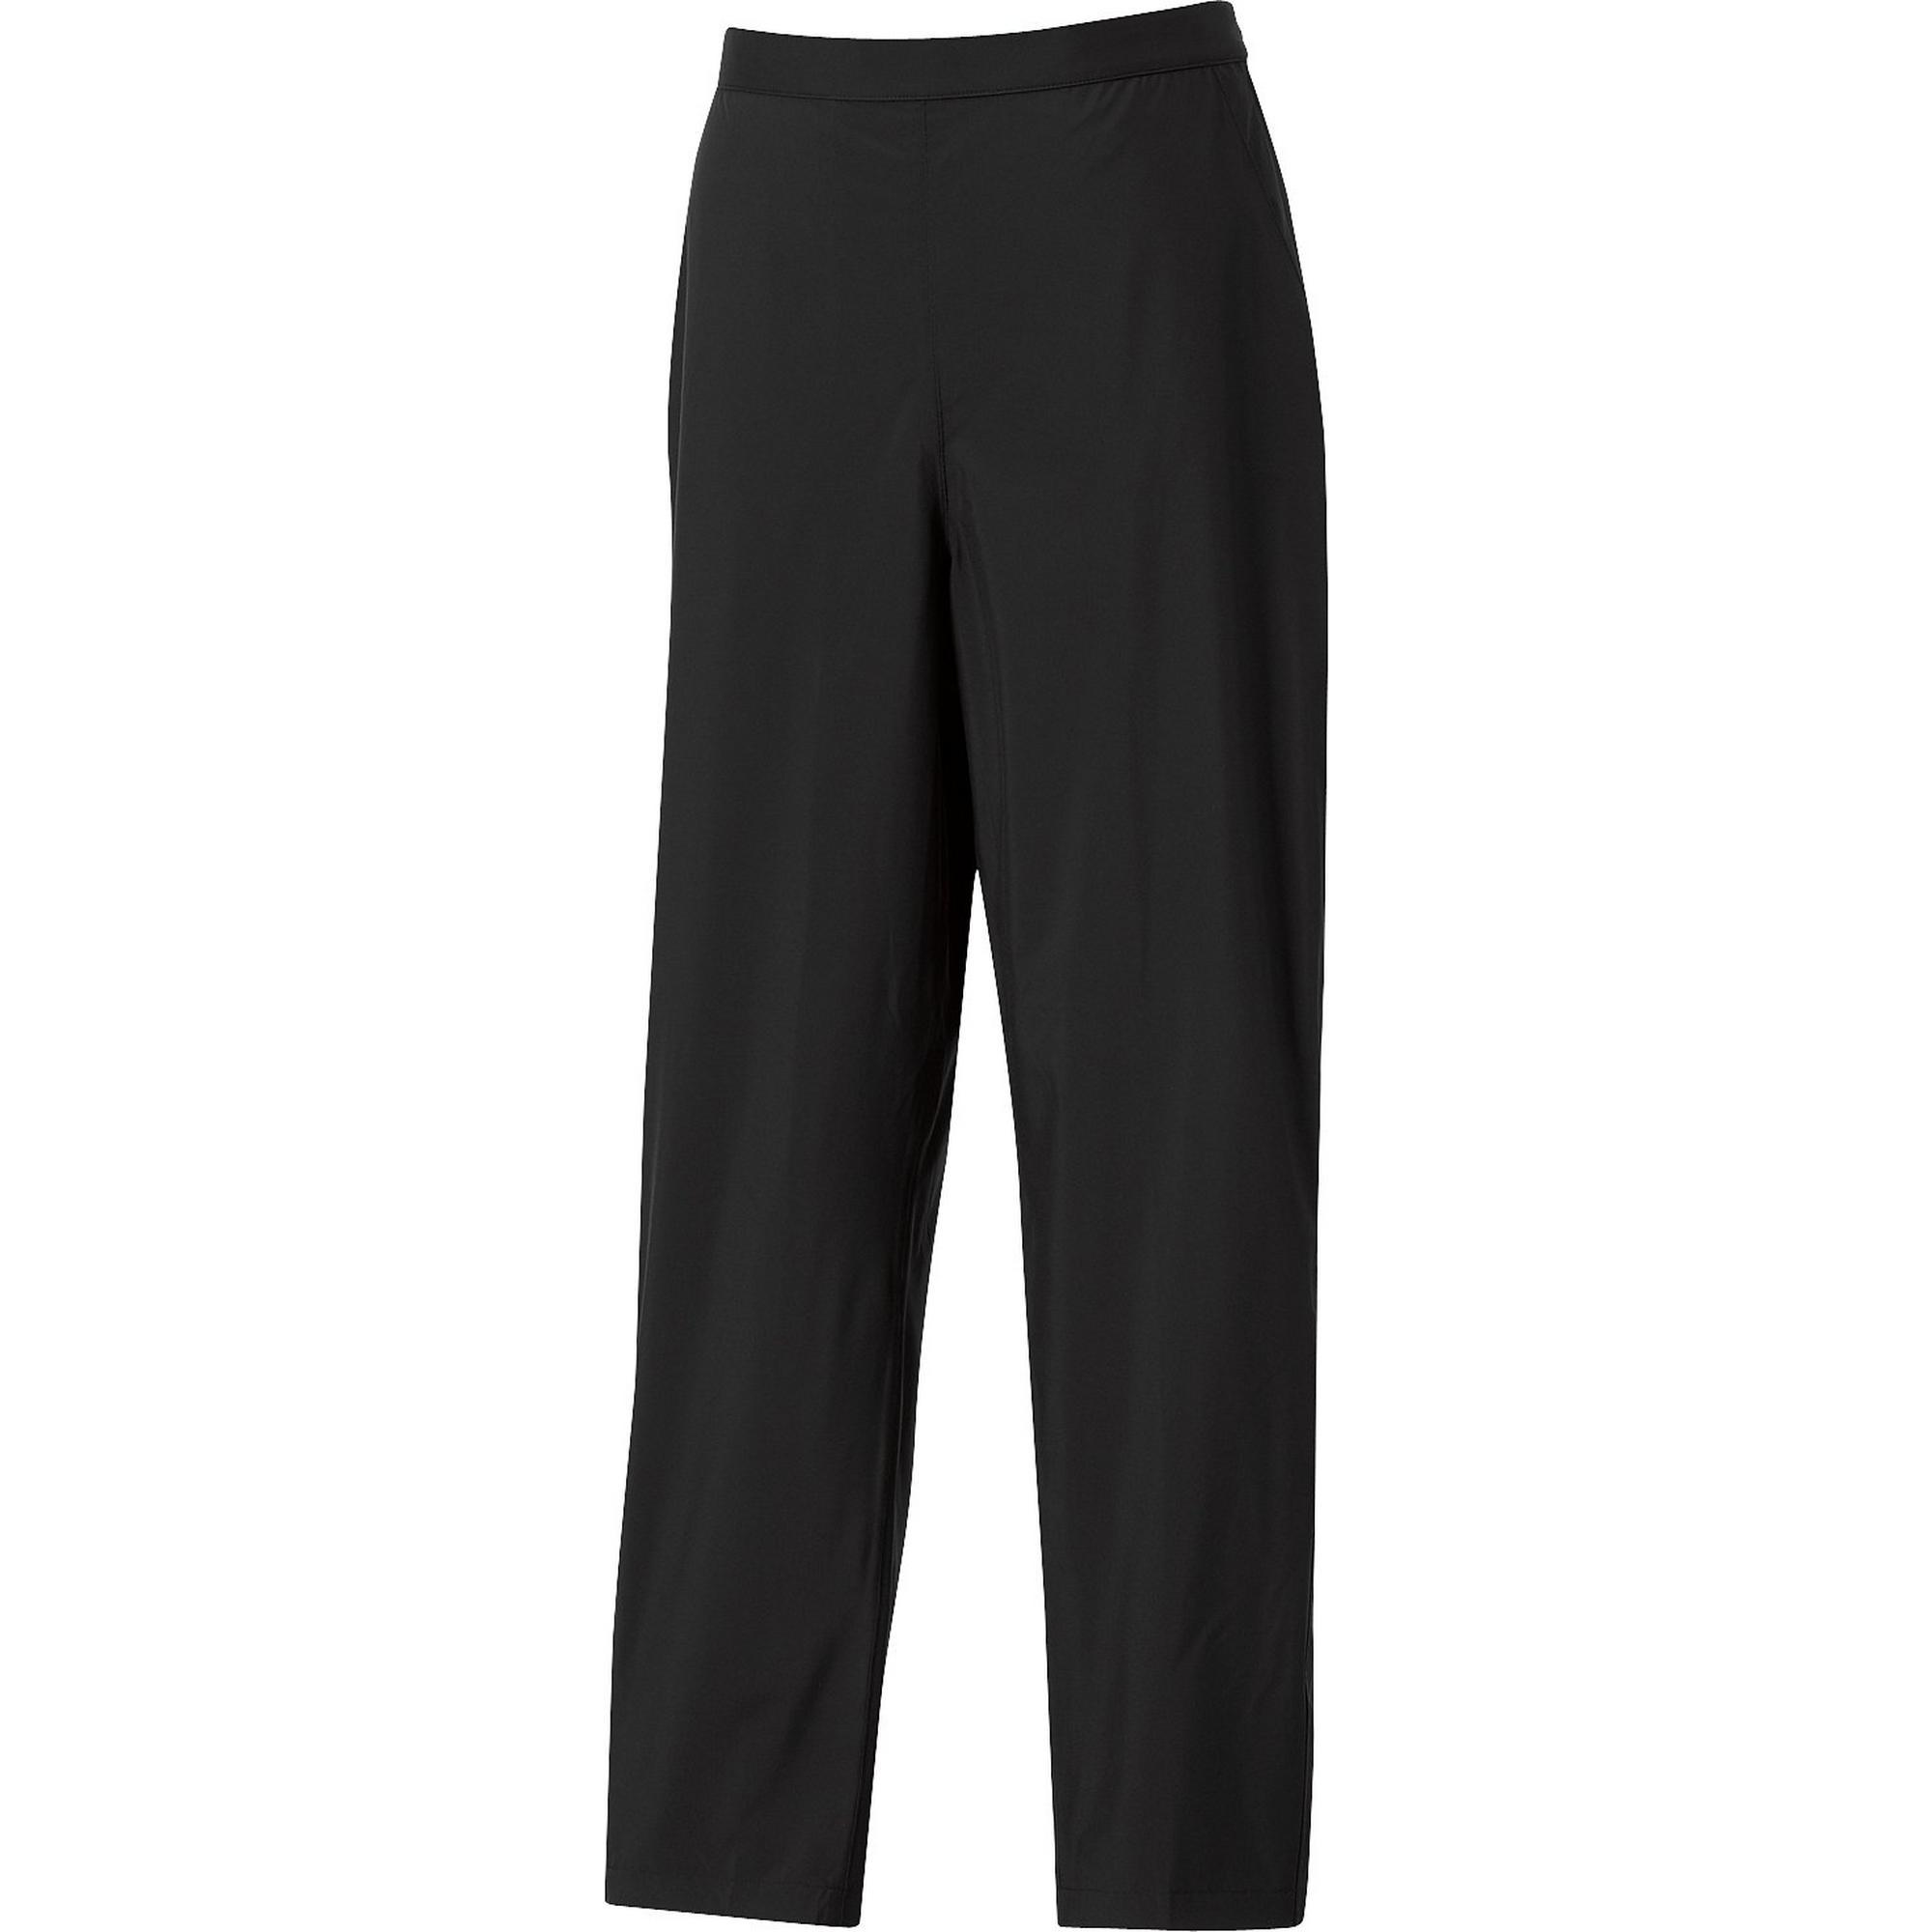 Pantalon de pluie DryJoys pour femmes